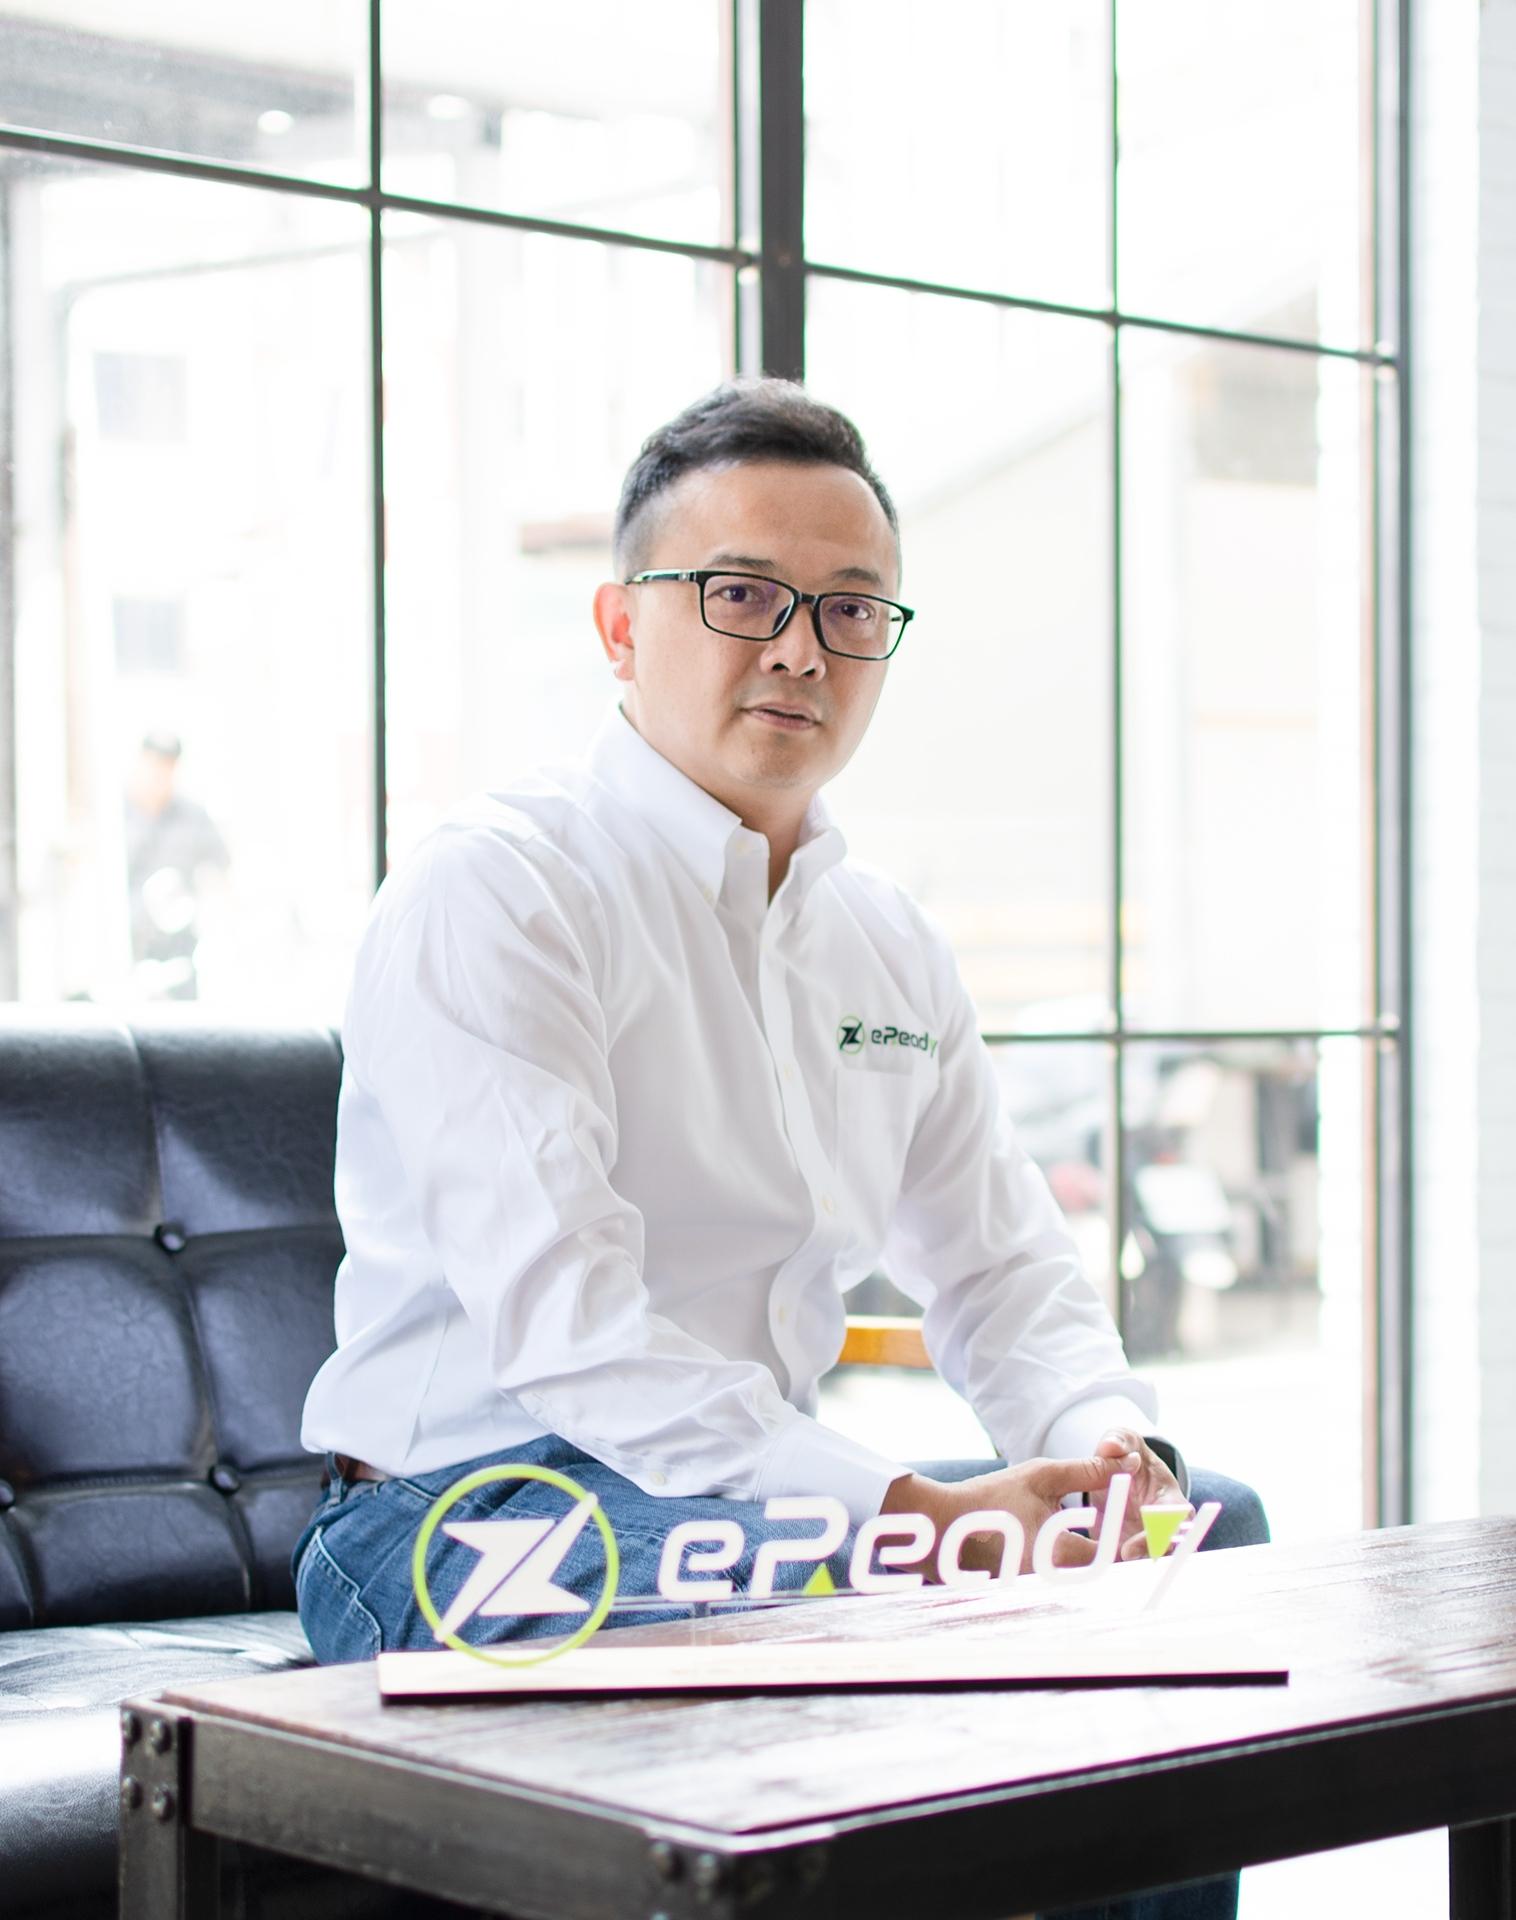 台鈴工業電動車事業部總監 林進賢。